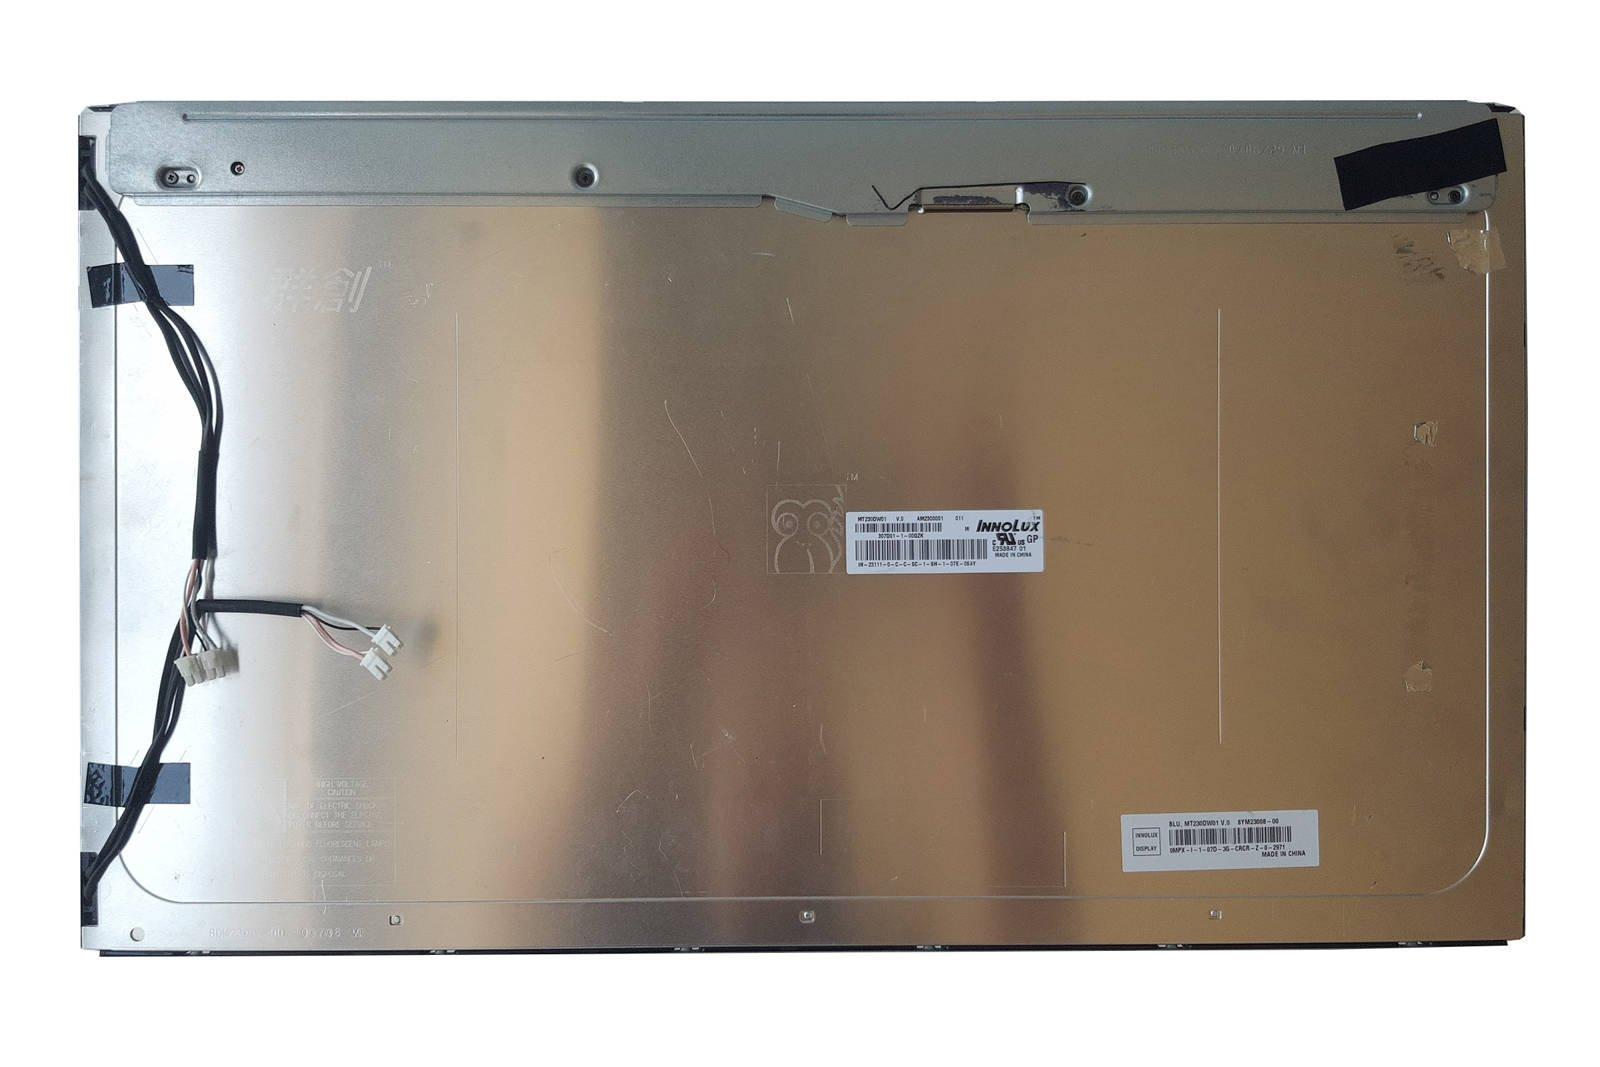 Bildschirm Samsung Innolux 23' MT230DW01 V.0 1920x1080 (FHD)